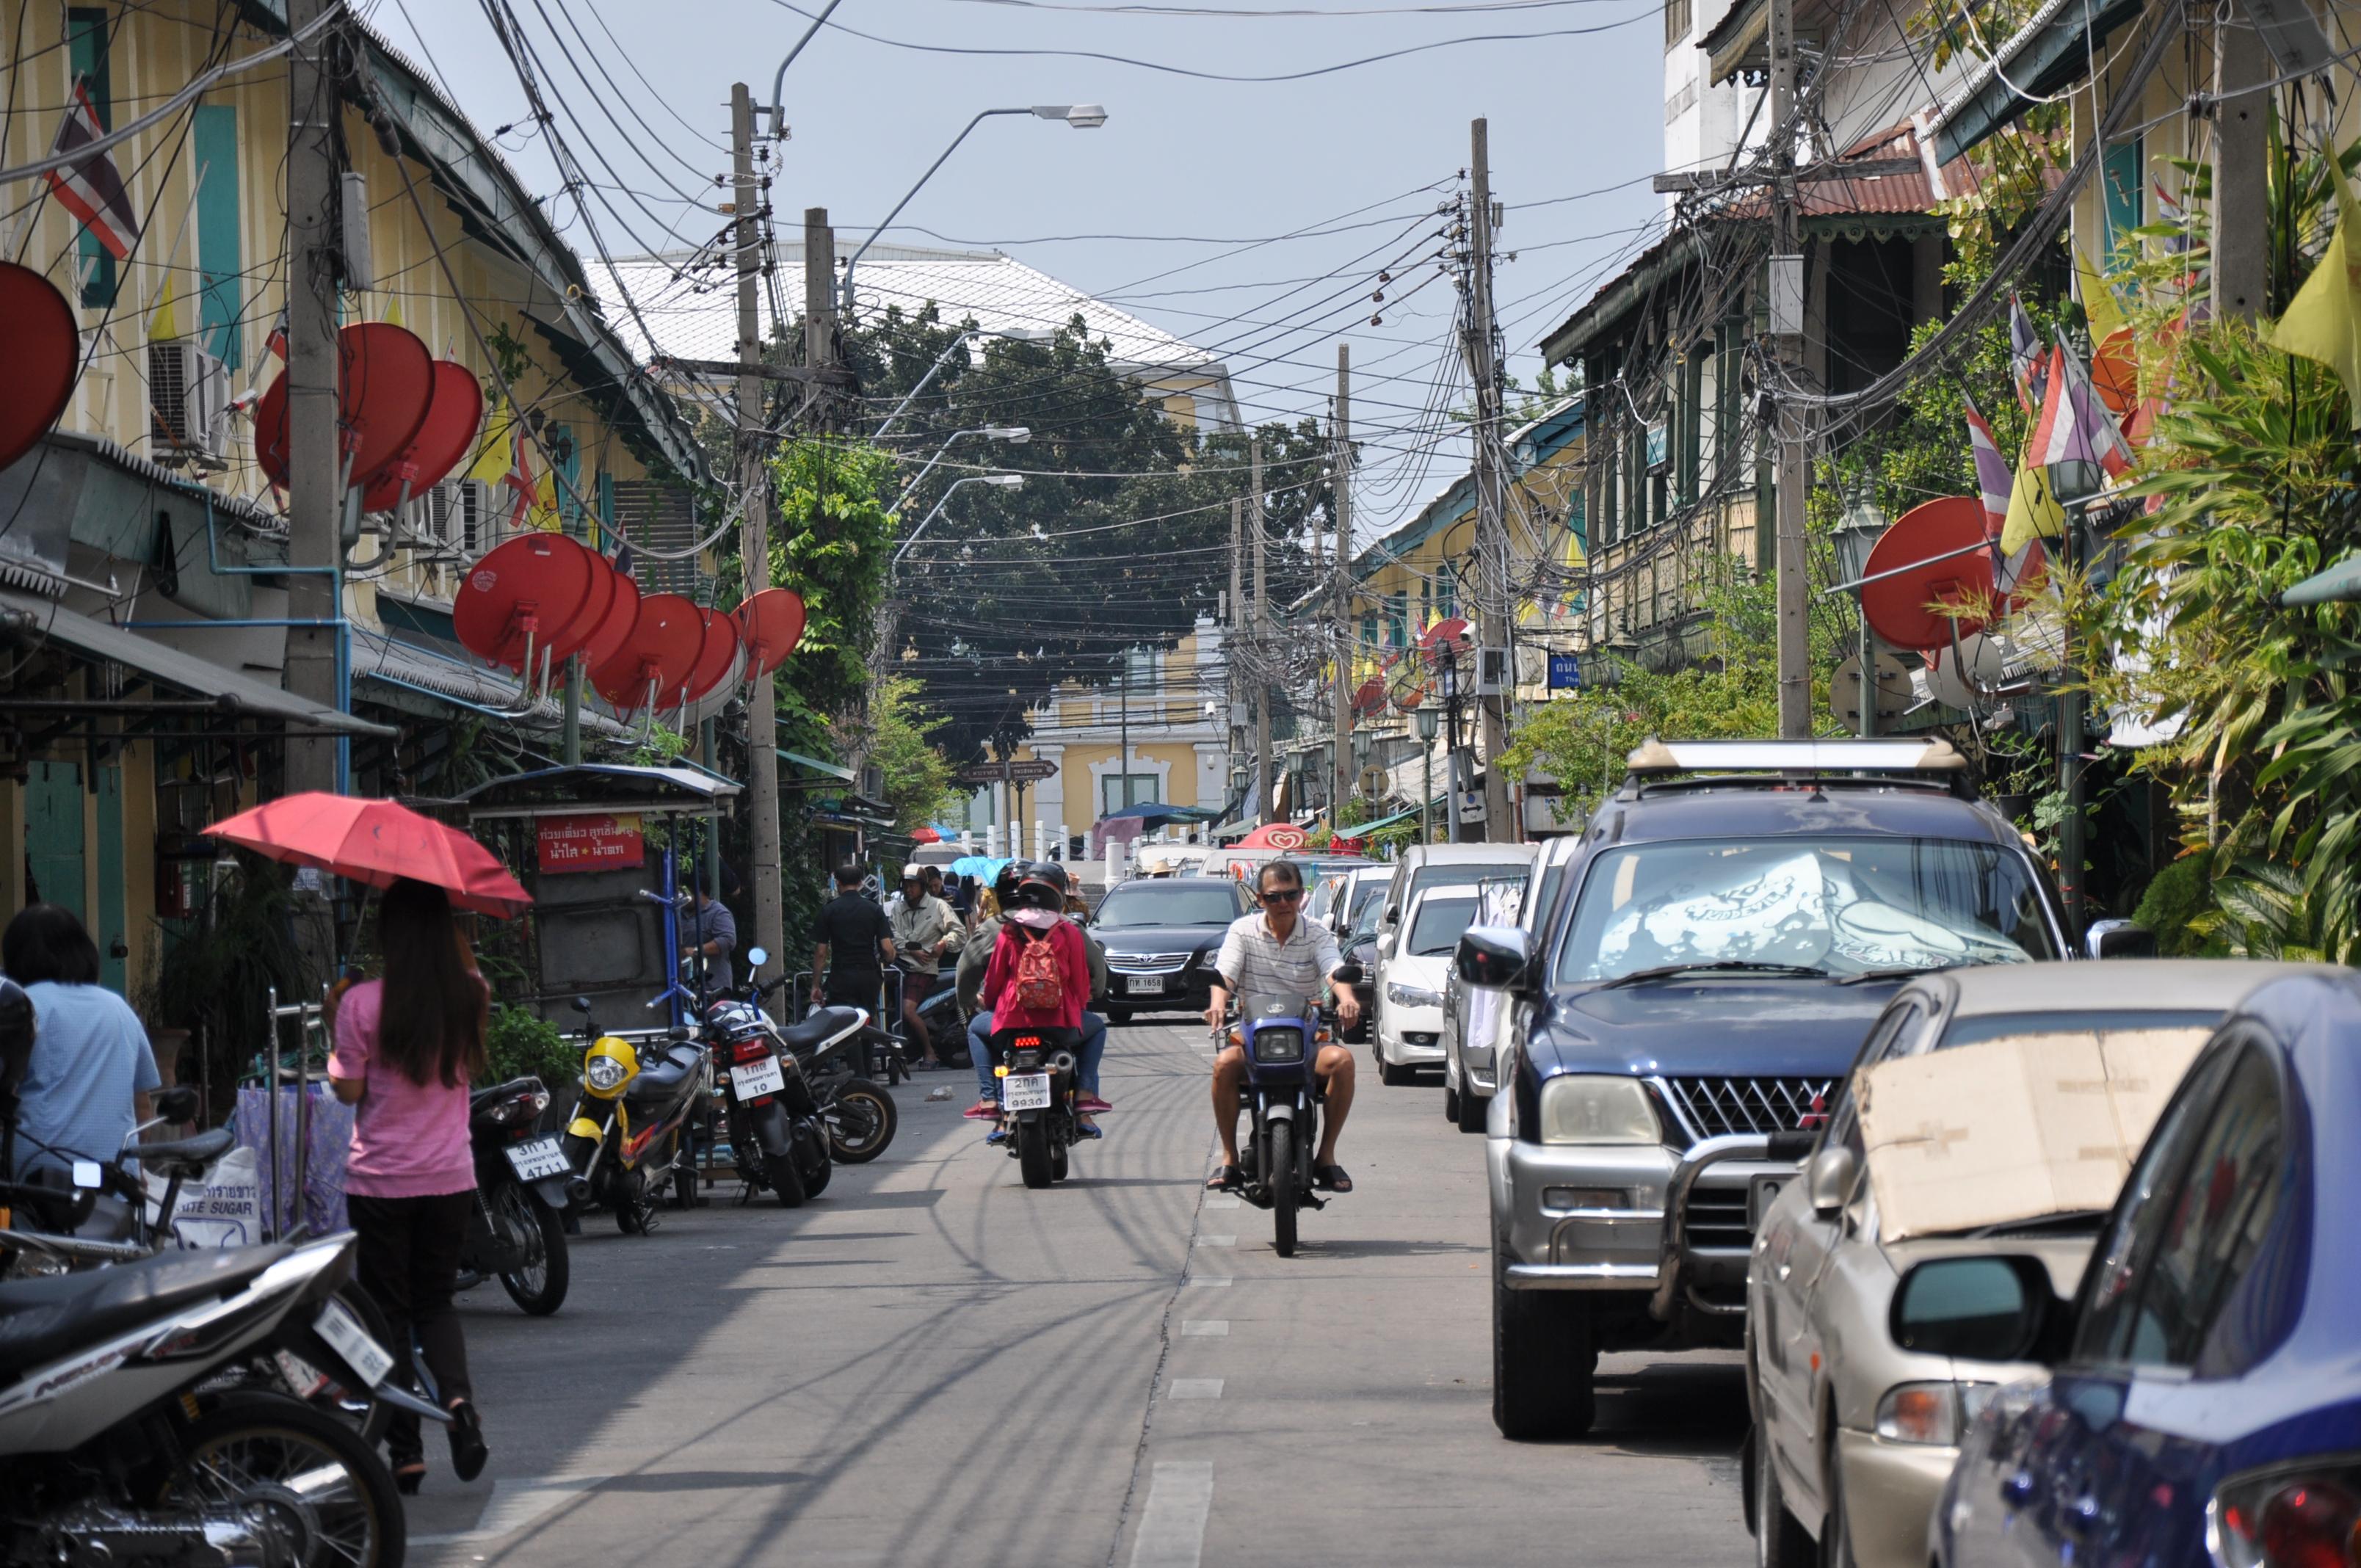 Bankkok, Thailand